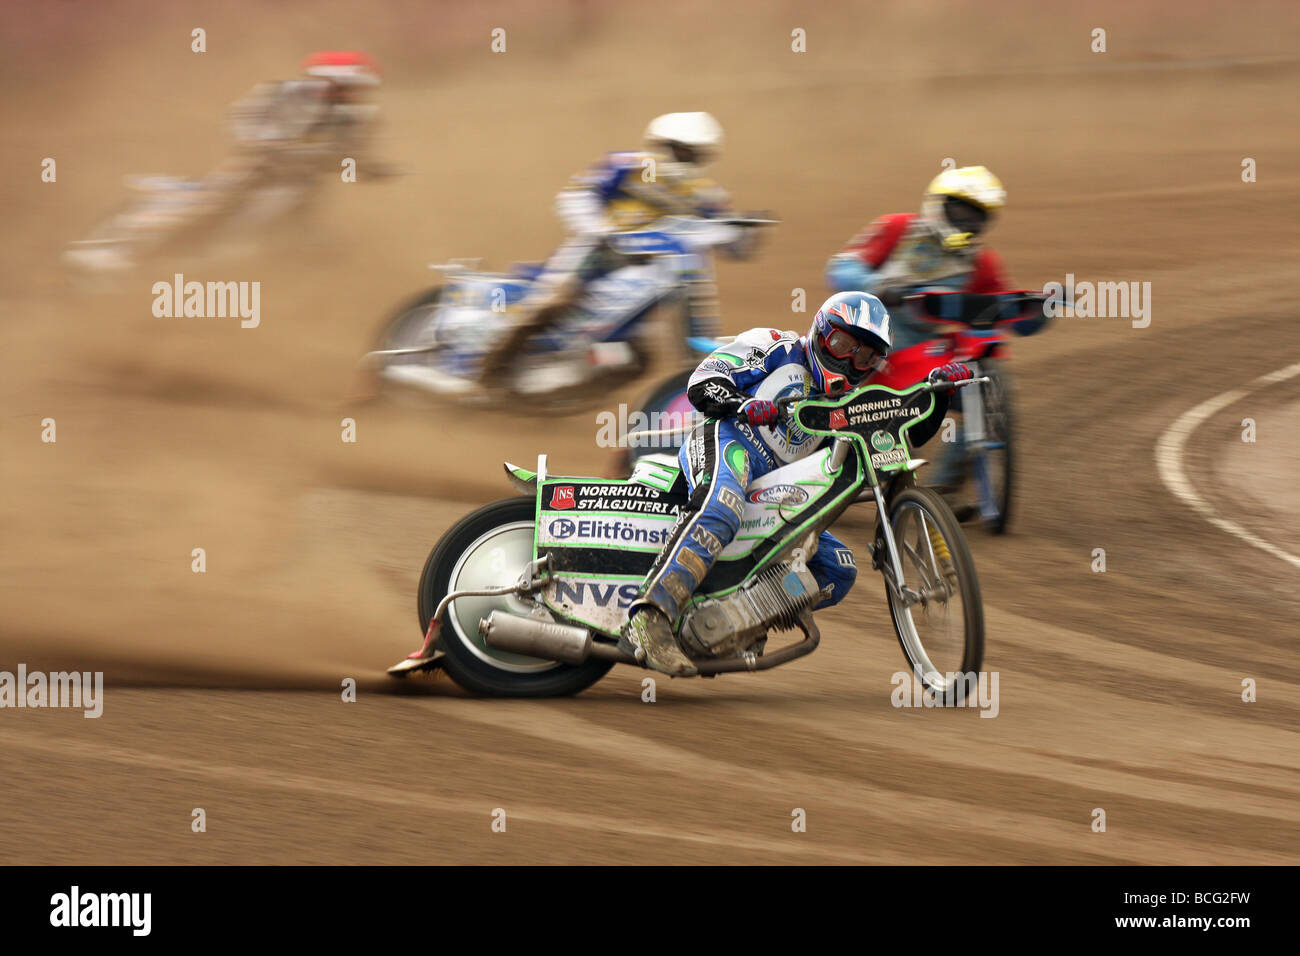 Speedway racing en Svansta Race Track en Nyköping, Suecia. Imagen De Stock